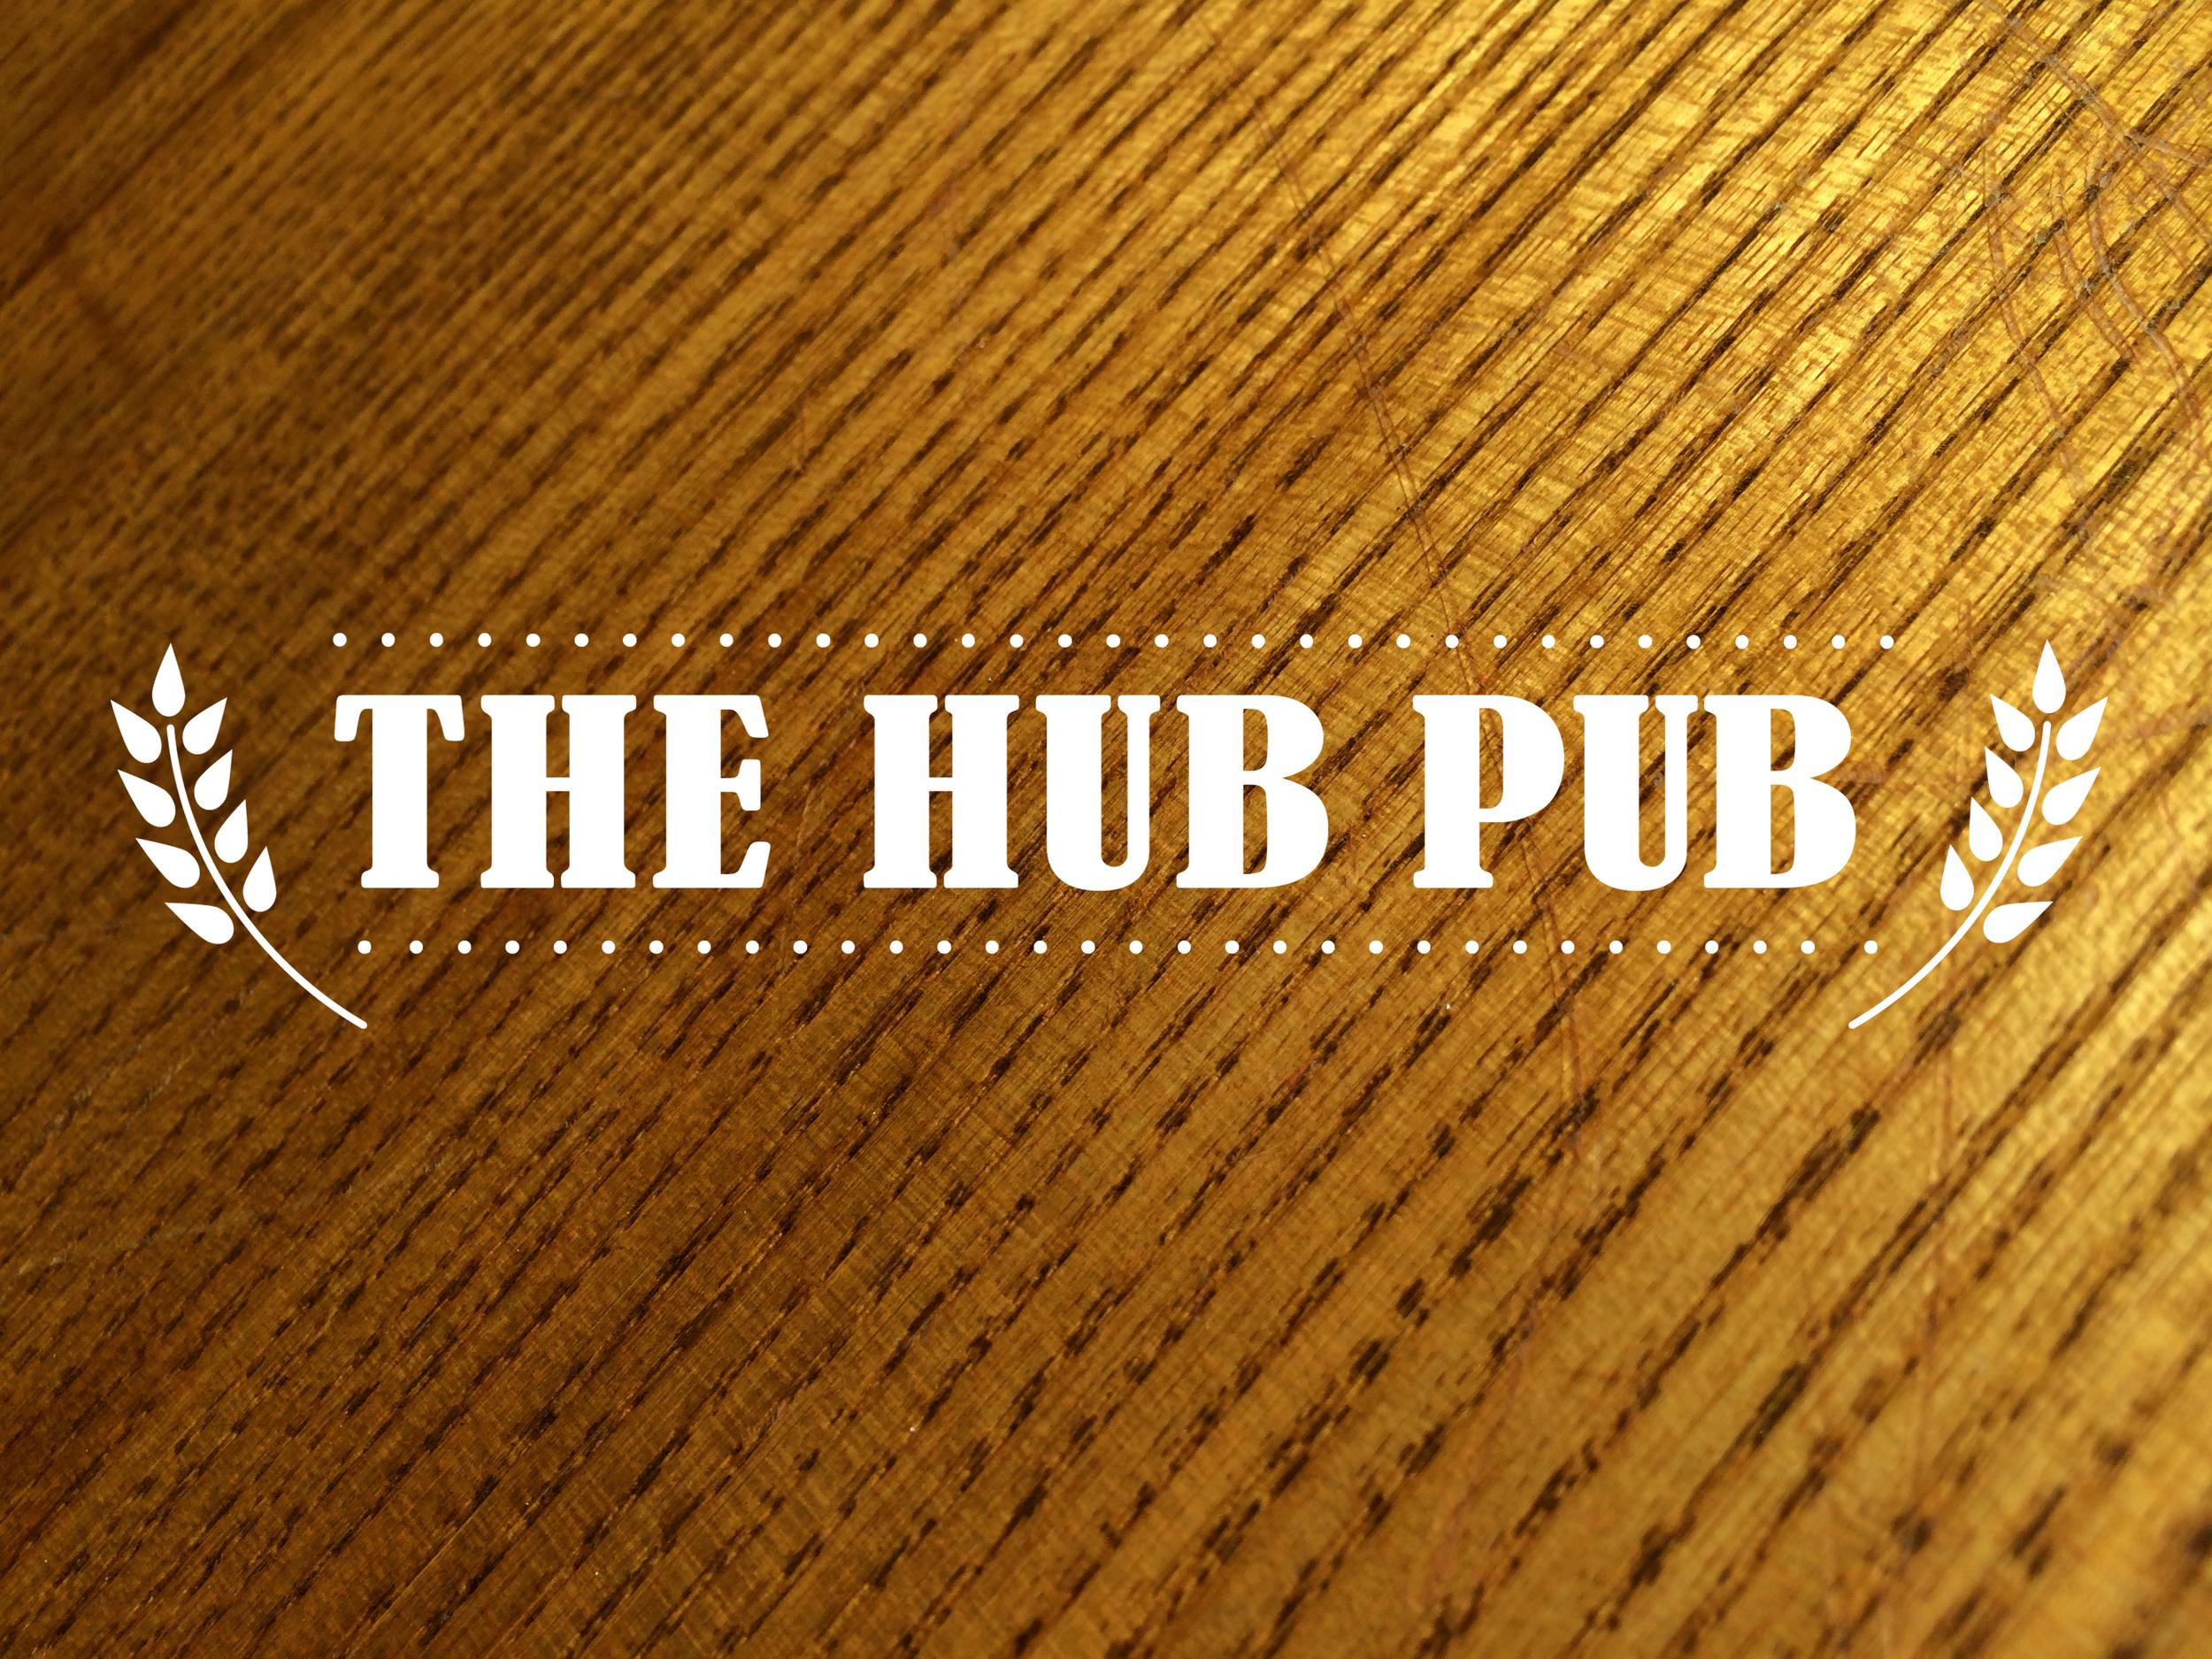 HUB_PUB_LOGO_horizontal_woodBG.jpg